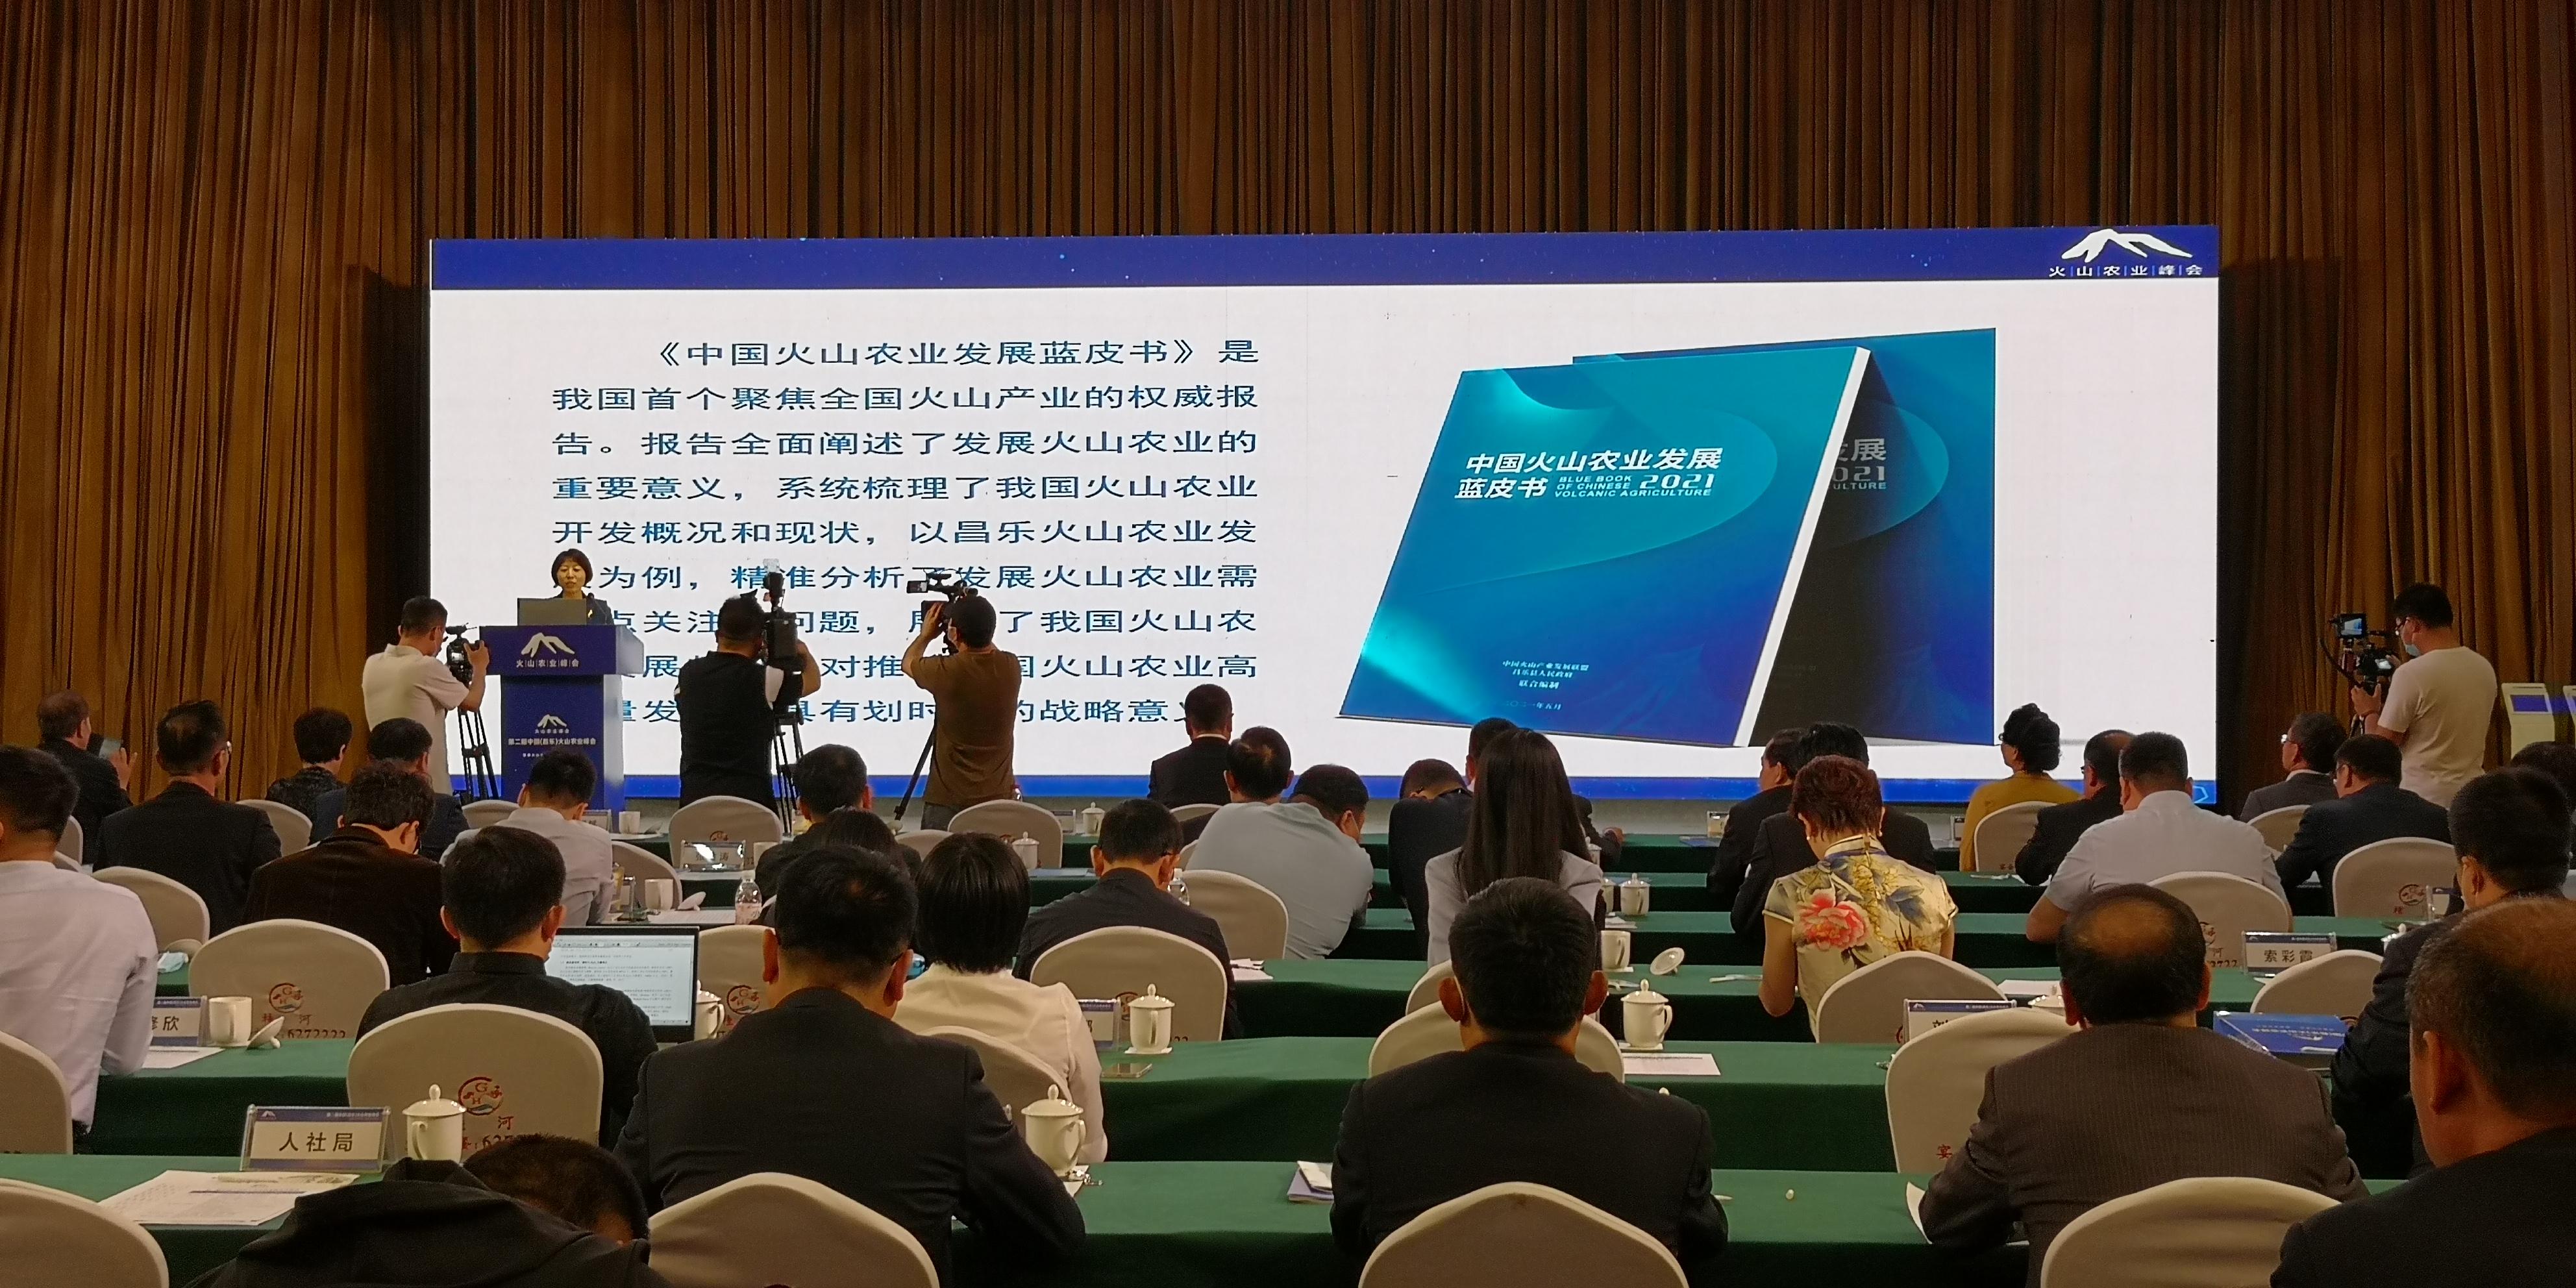 第二届中国(昌乐)火山农业峰会 5月17日隆重开幕